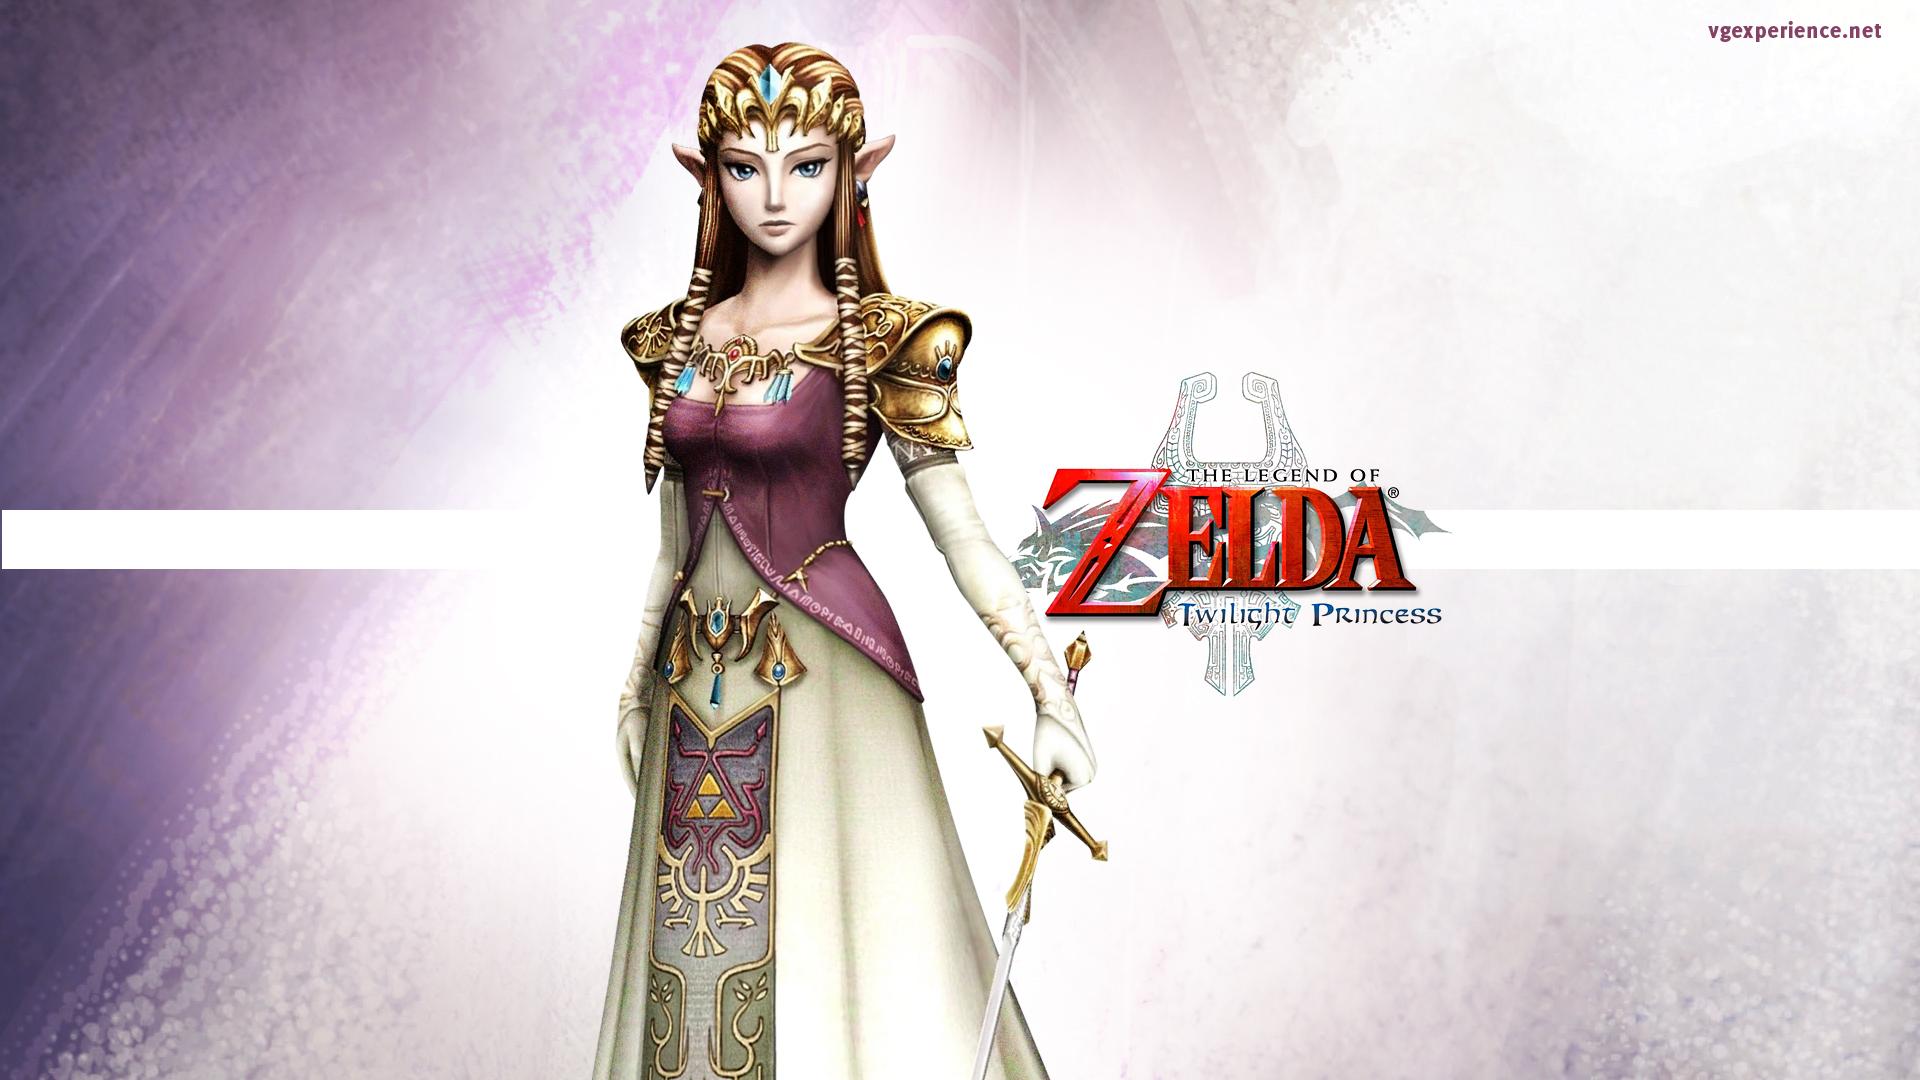 Legend Of Zelda Wallpaper 1920x1080: Zelda Wallpaper 1920x1080 HD